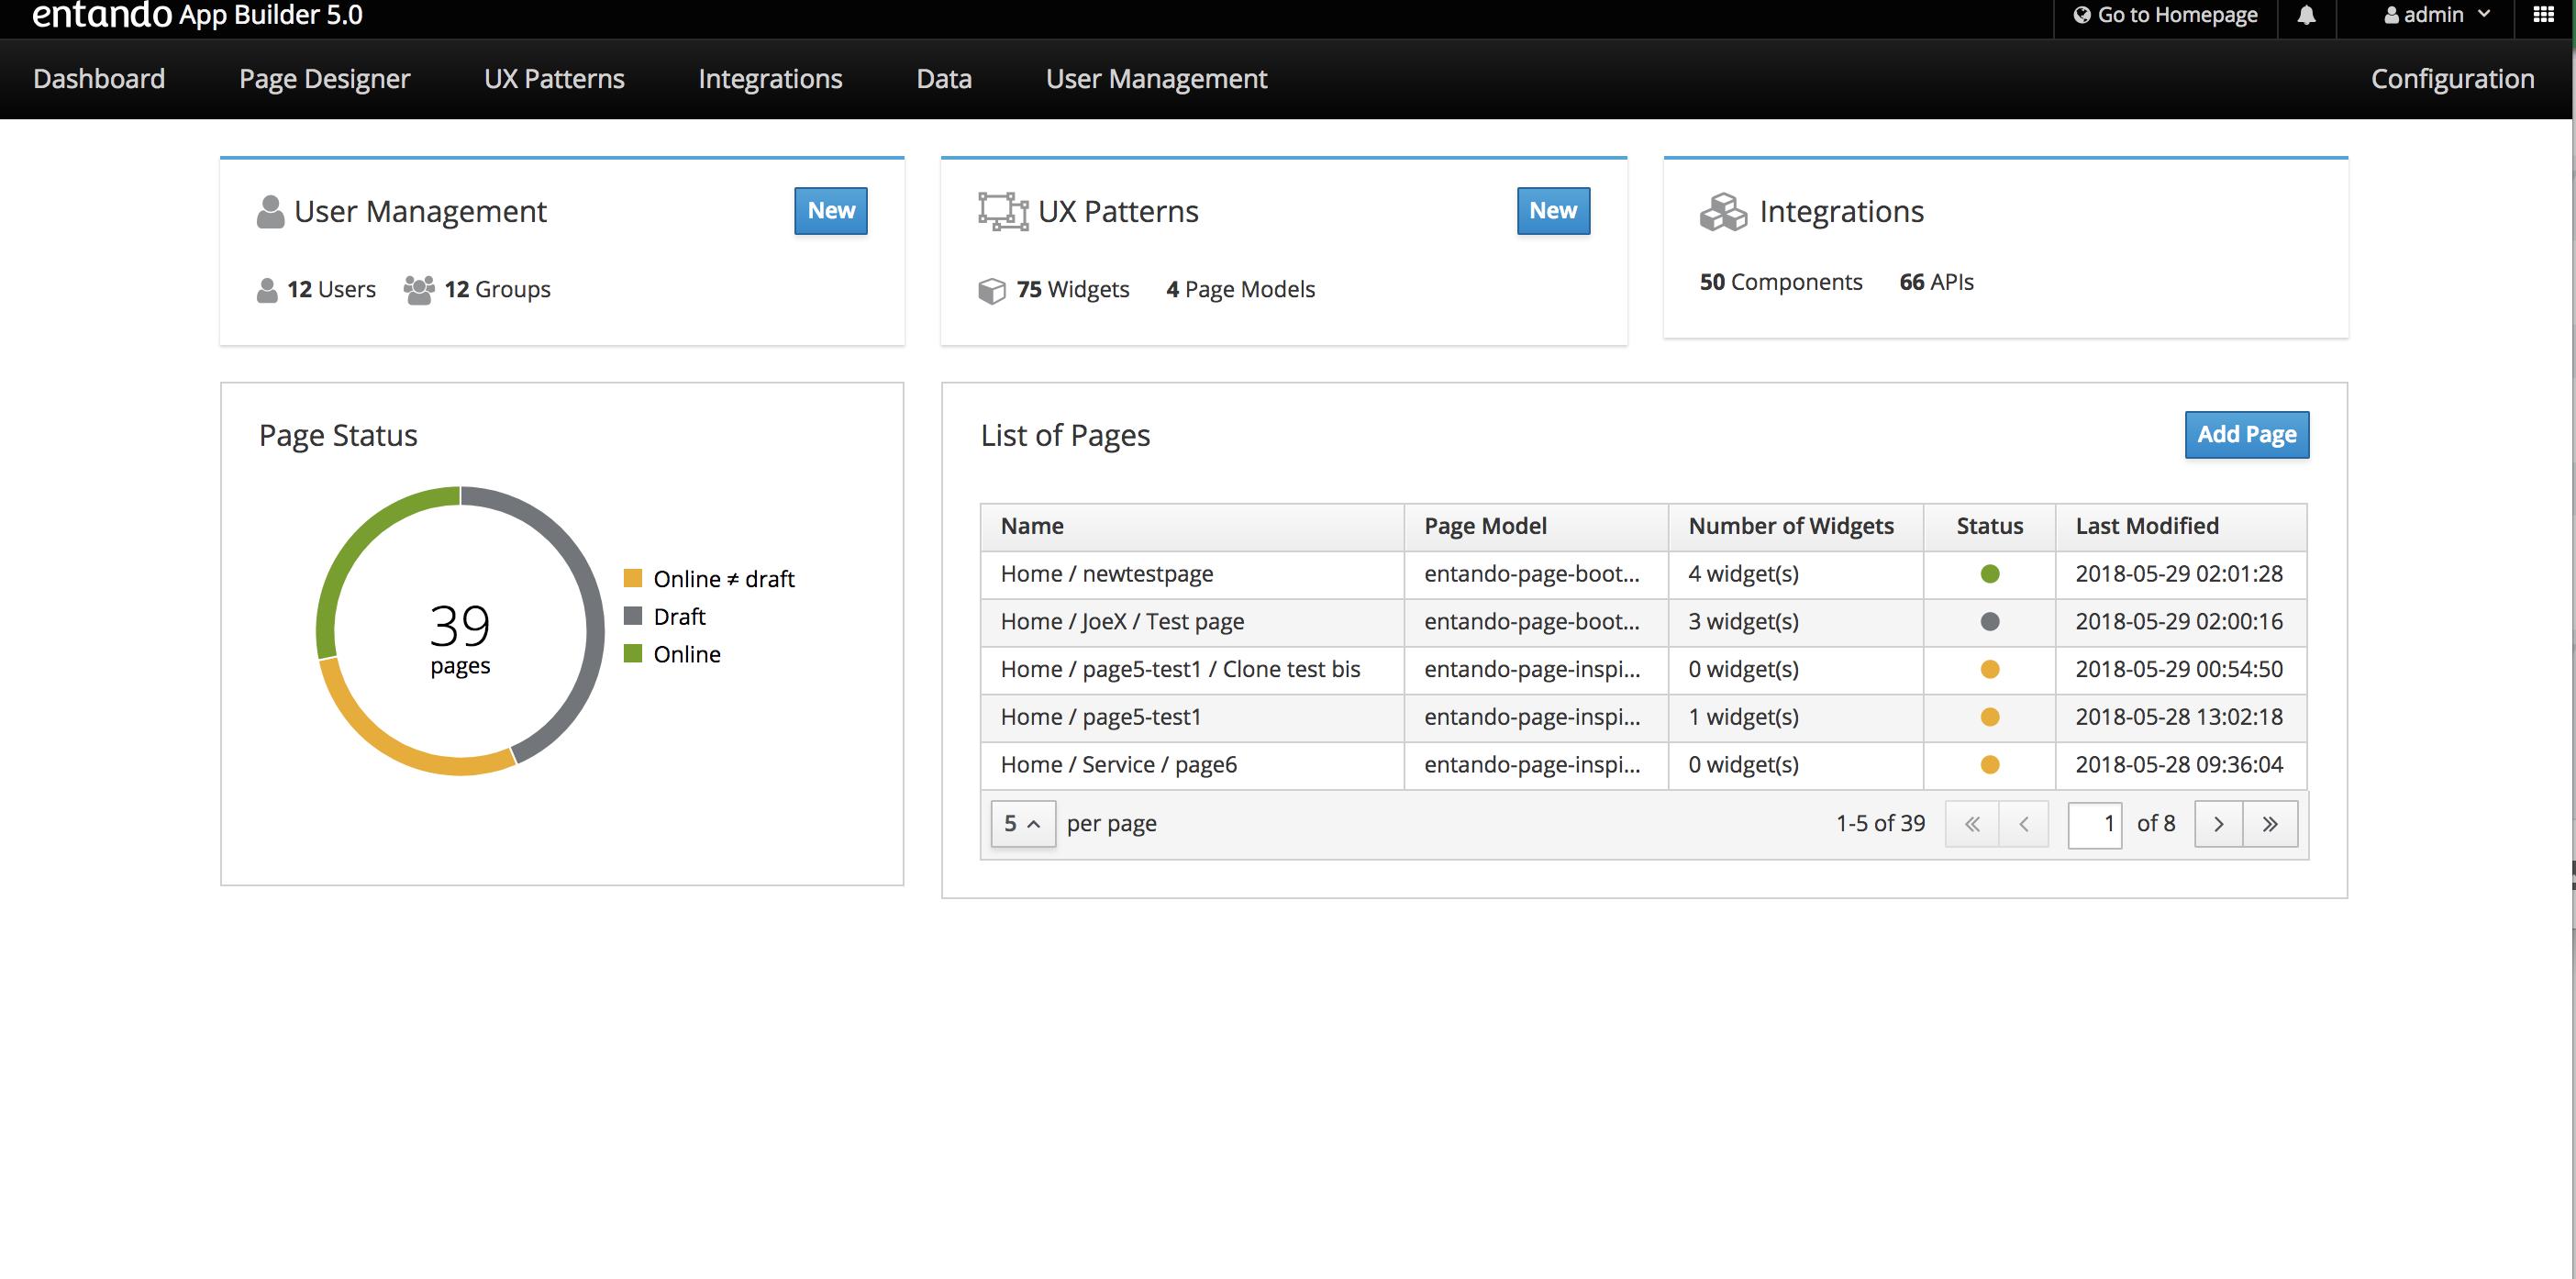 Con entando 5 0 progettare app diventa semplice lineaedp for App per progettare